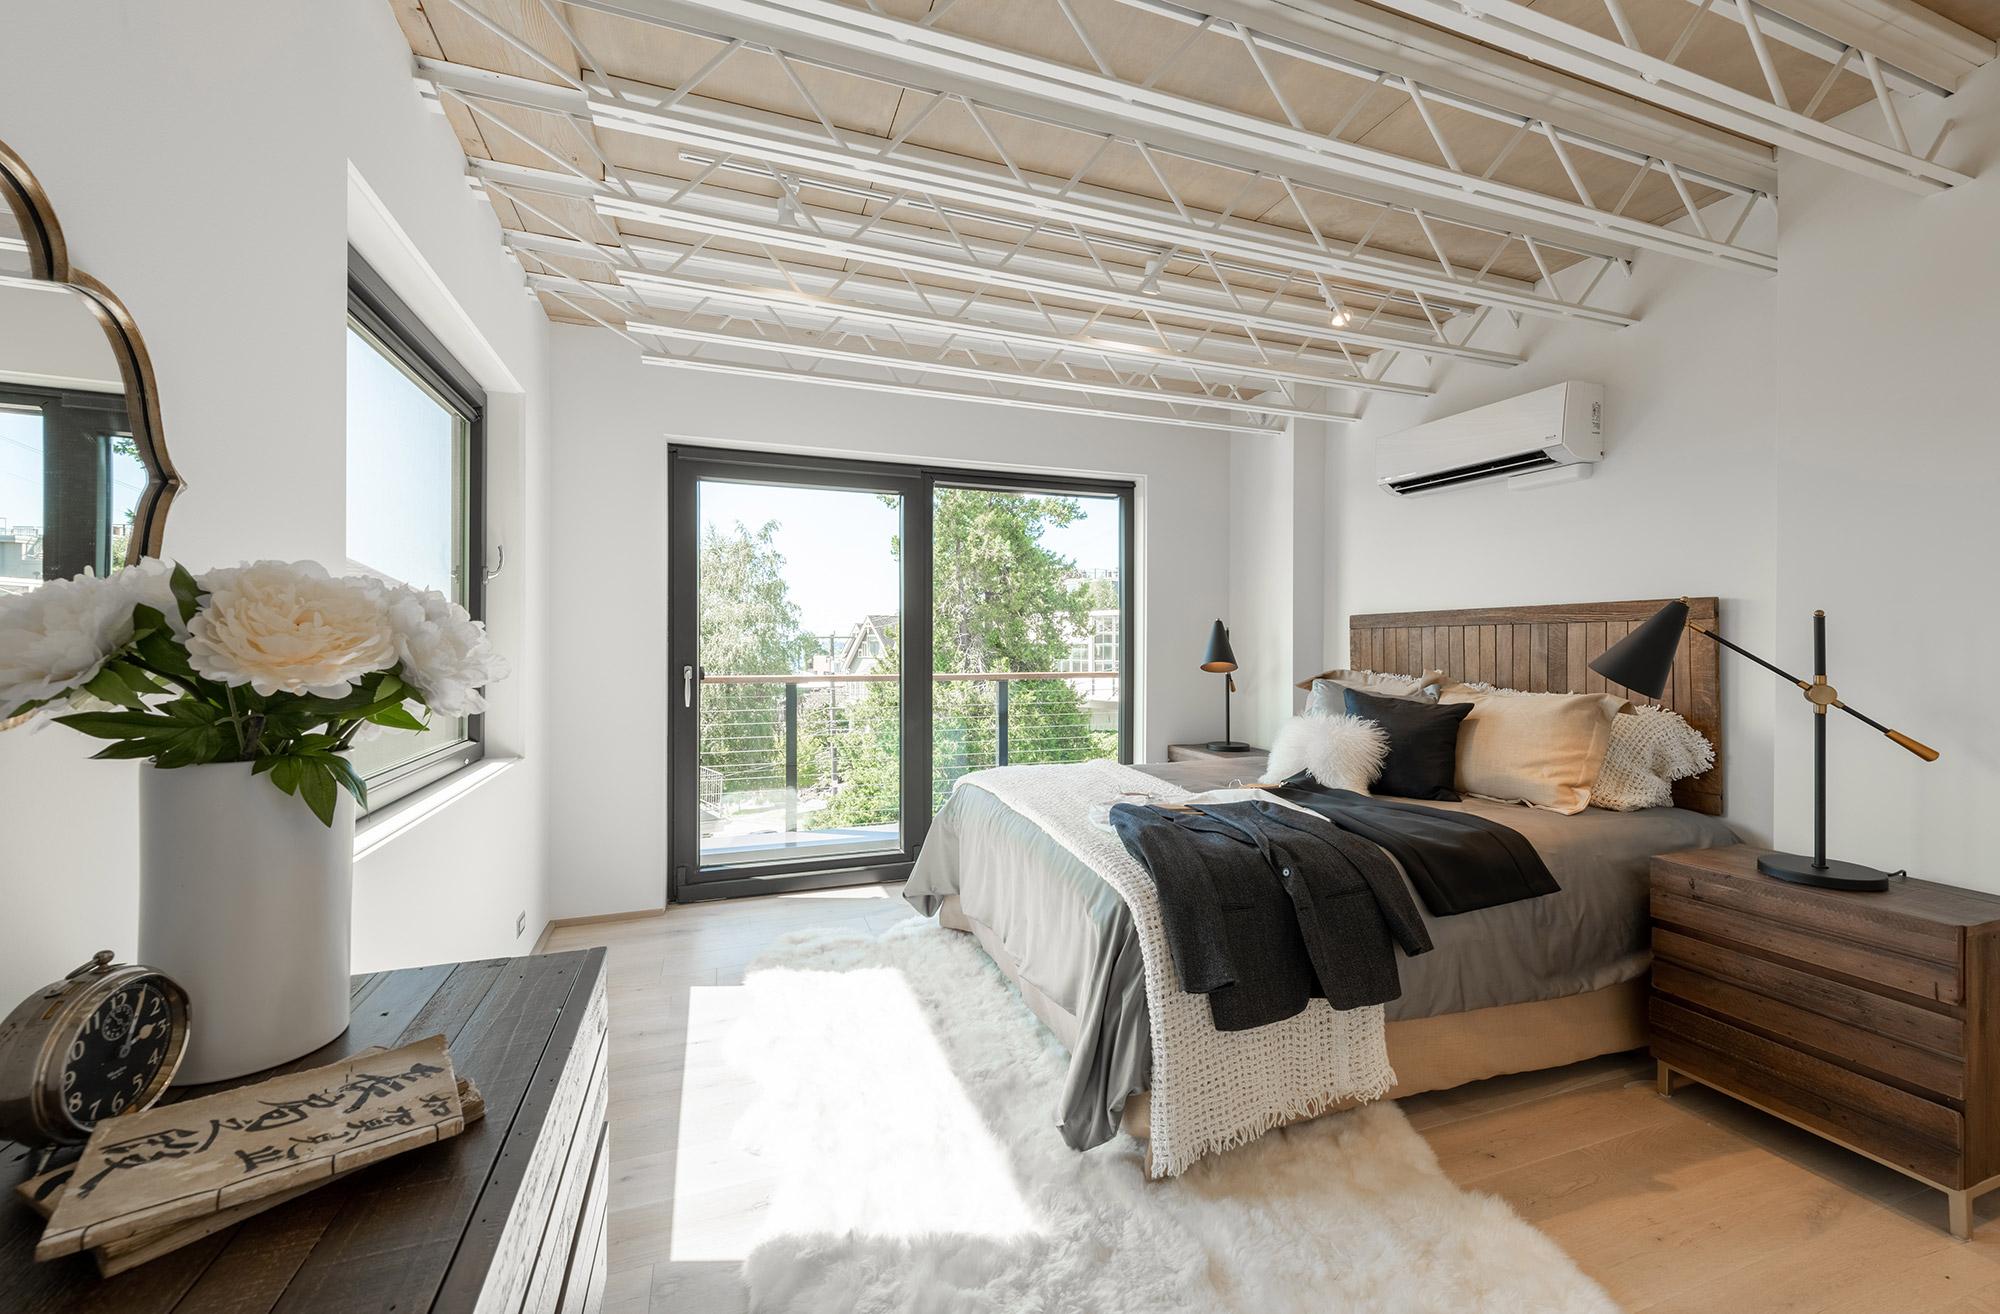 BUILD-LLC-Lee-Street-Lofts-Int-Master-Bedroom-01.jpg